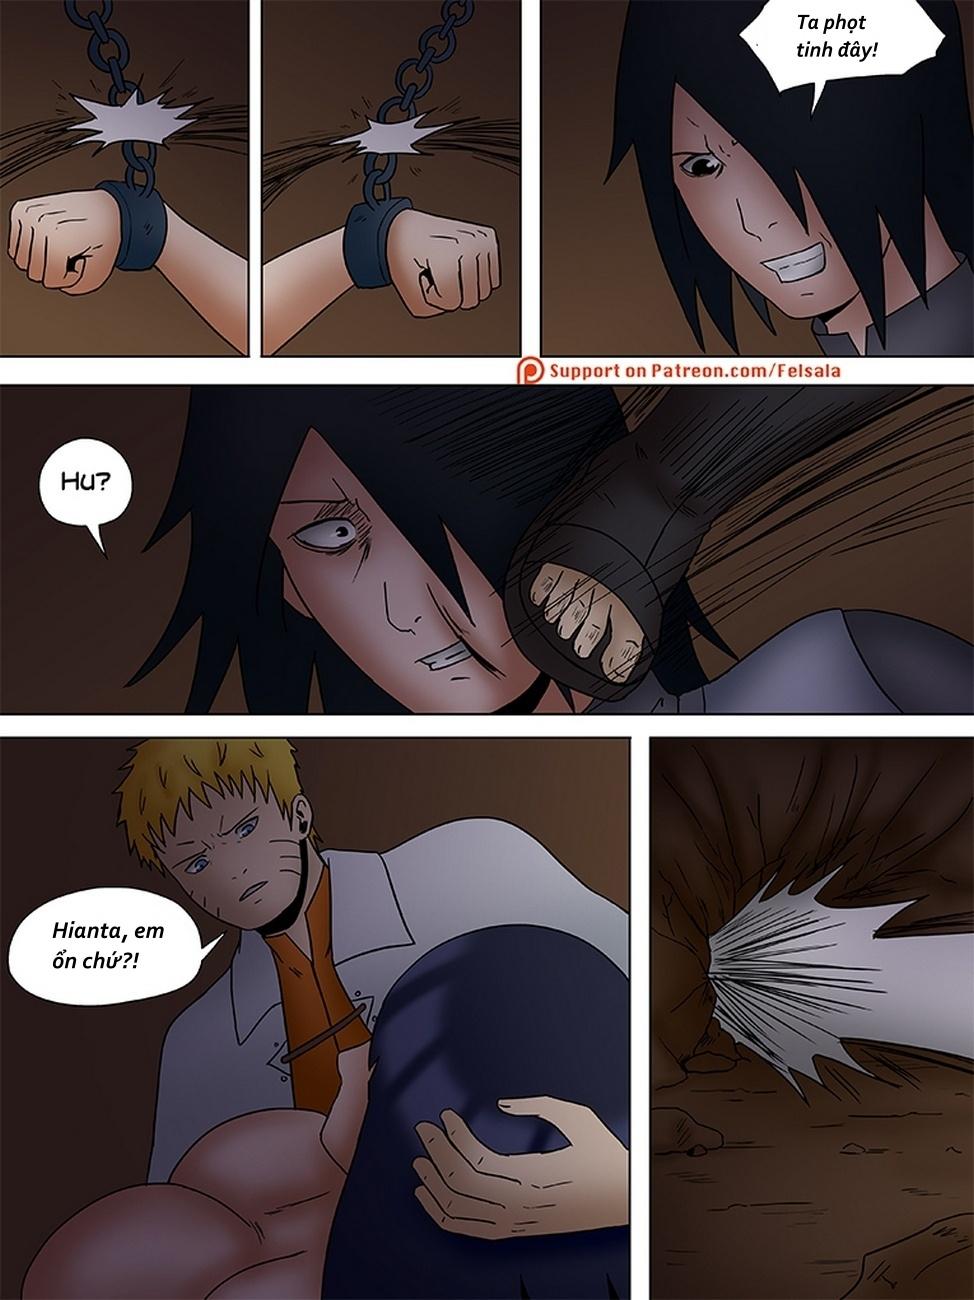 Hình ảnh  trong bài viết Naruto Hokage